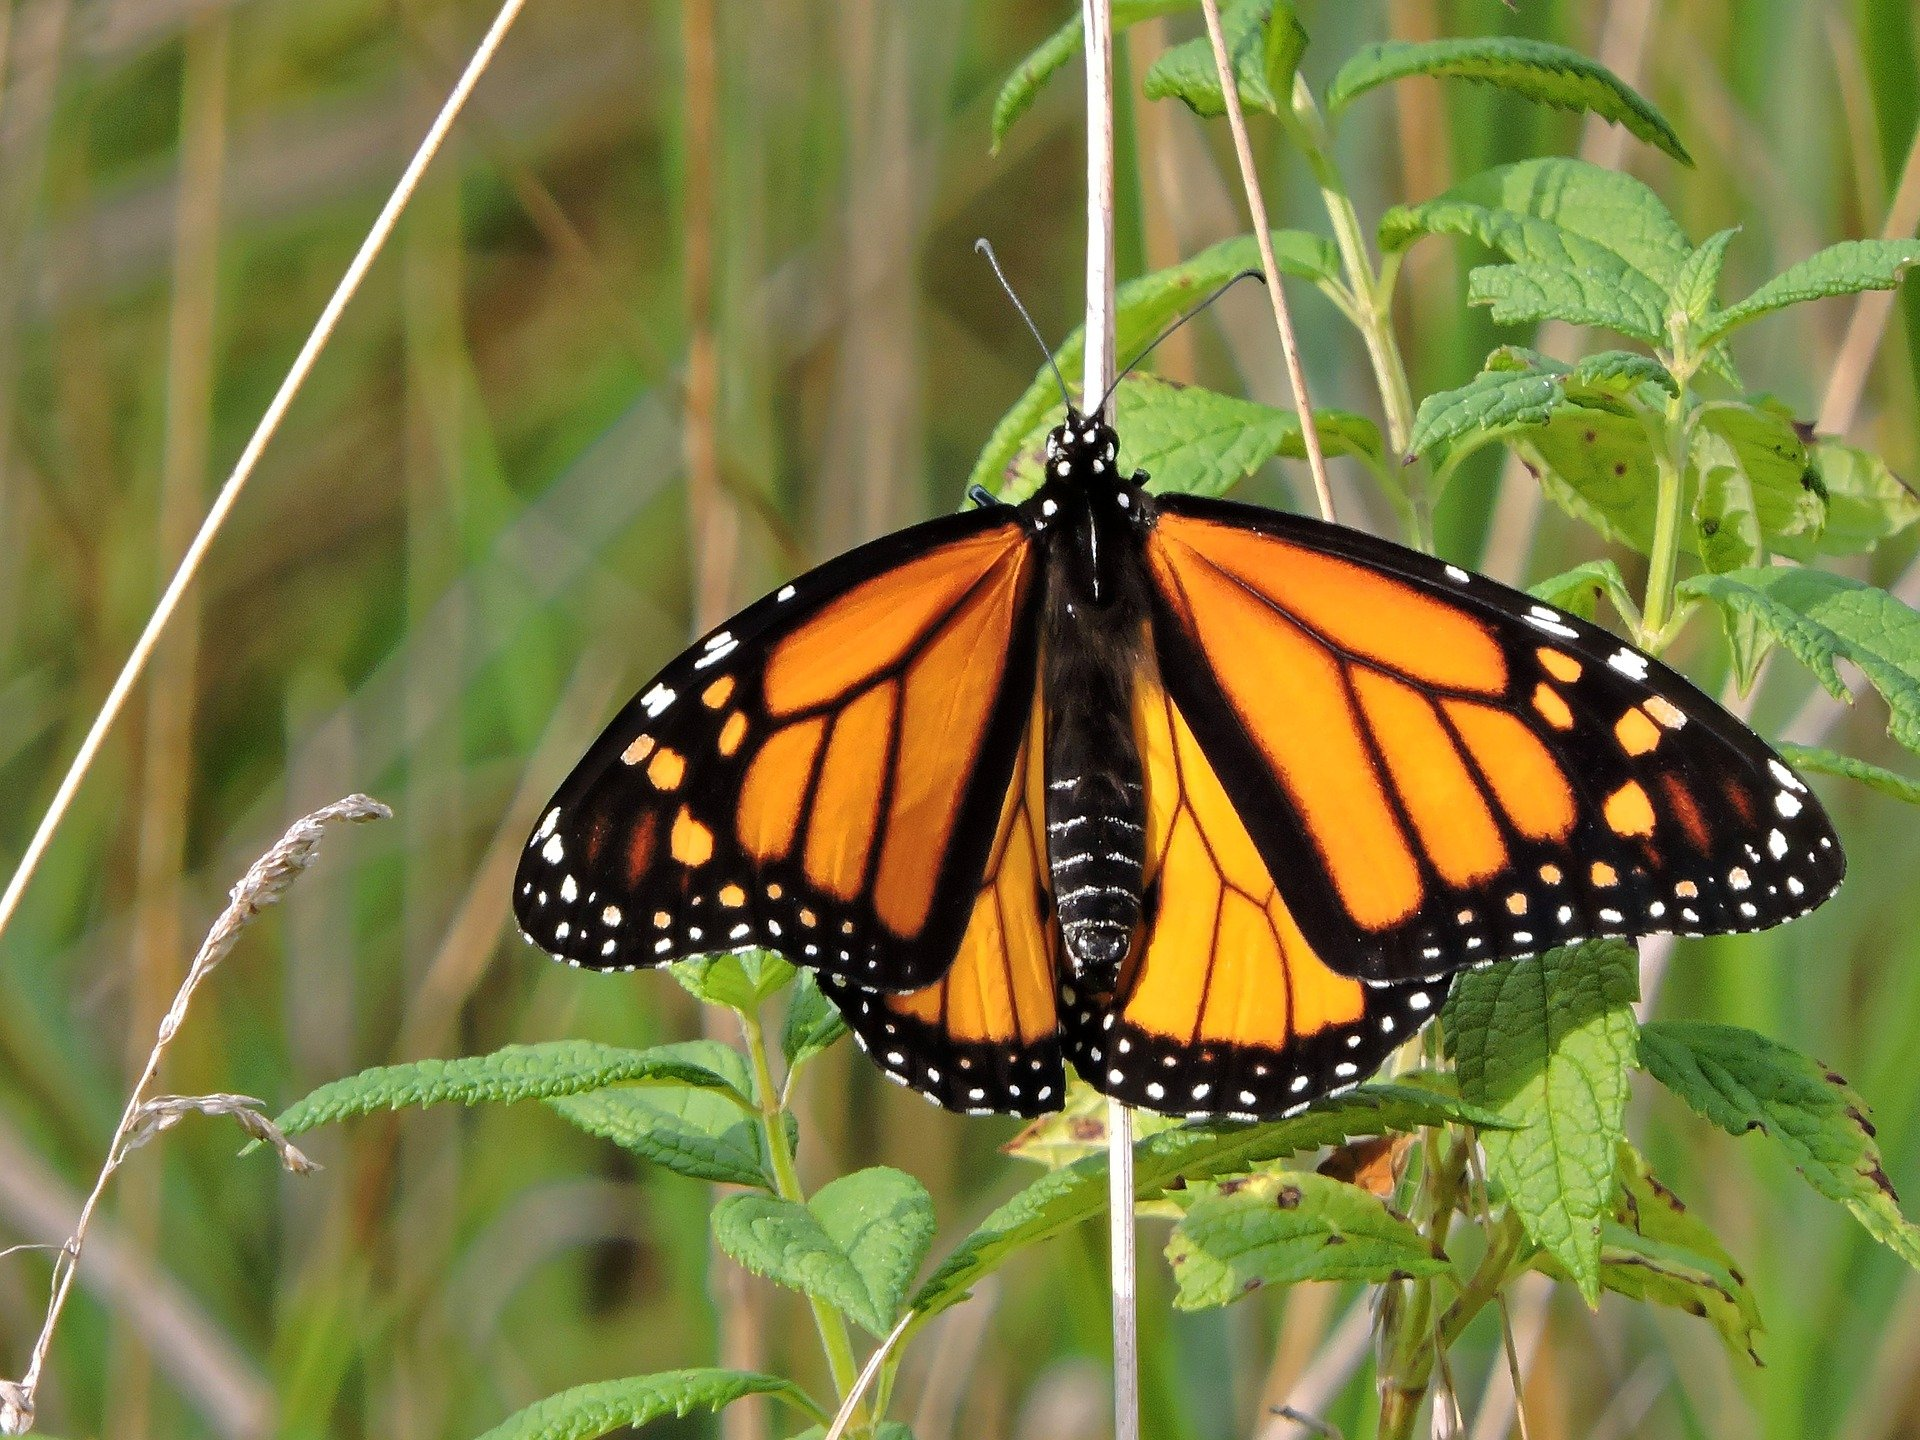 Santuarios de mariposas Monarca abrirán al 50% de su capacidad